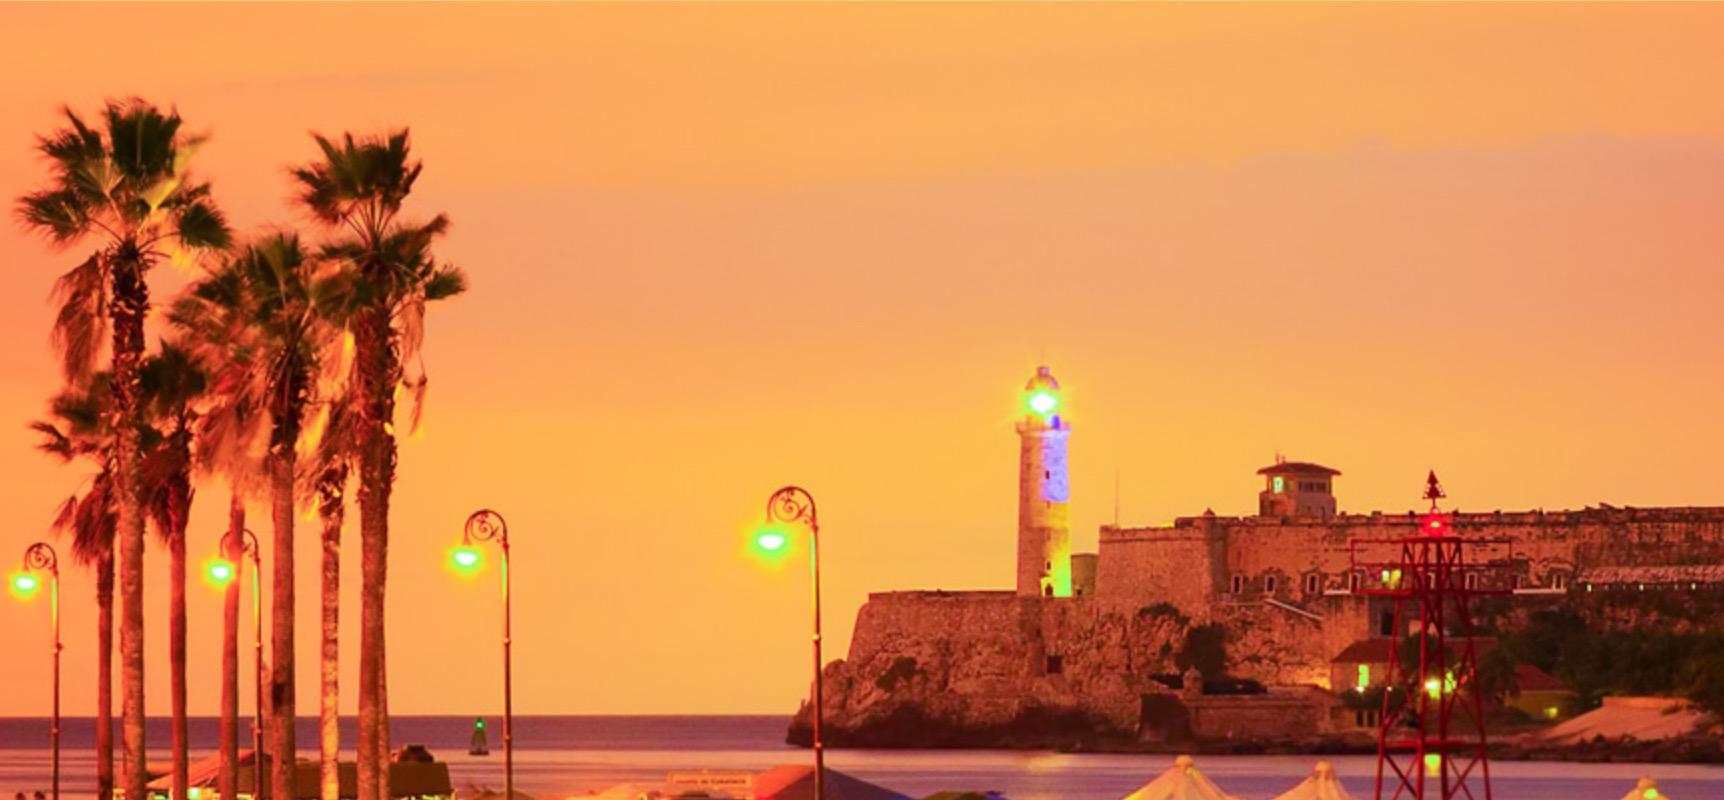 Havana, Cuba, Marina Hemingway